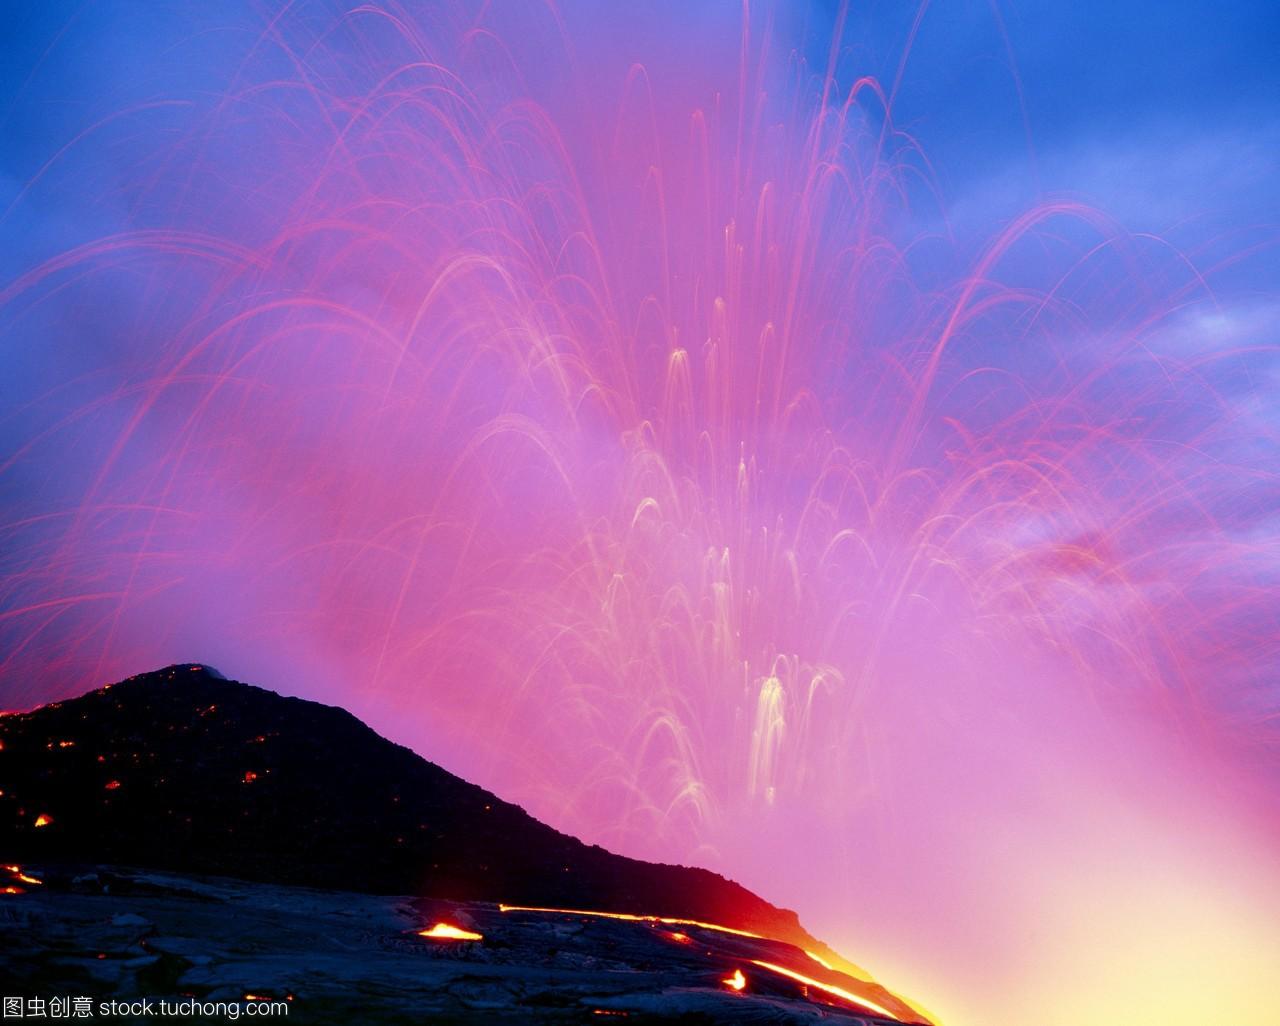 熔岩流。在夏威夷最大的岛屿--夏威夷海岸,熔岩